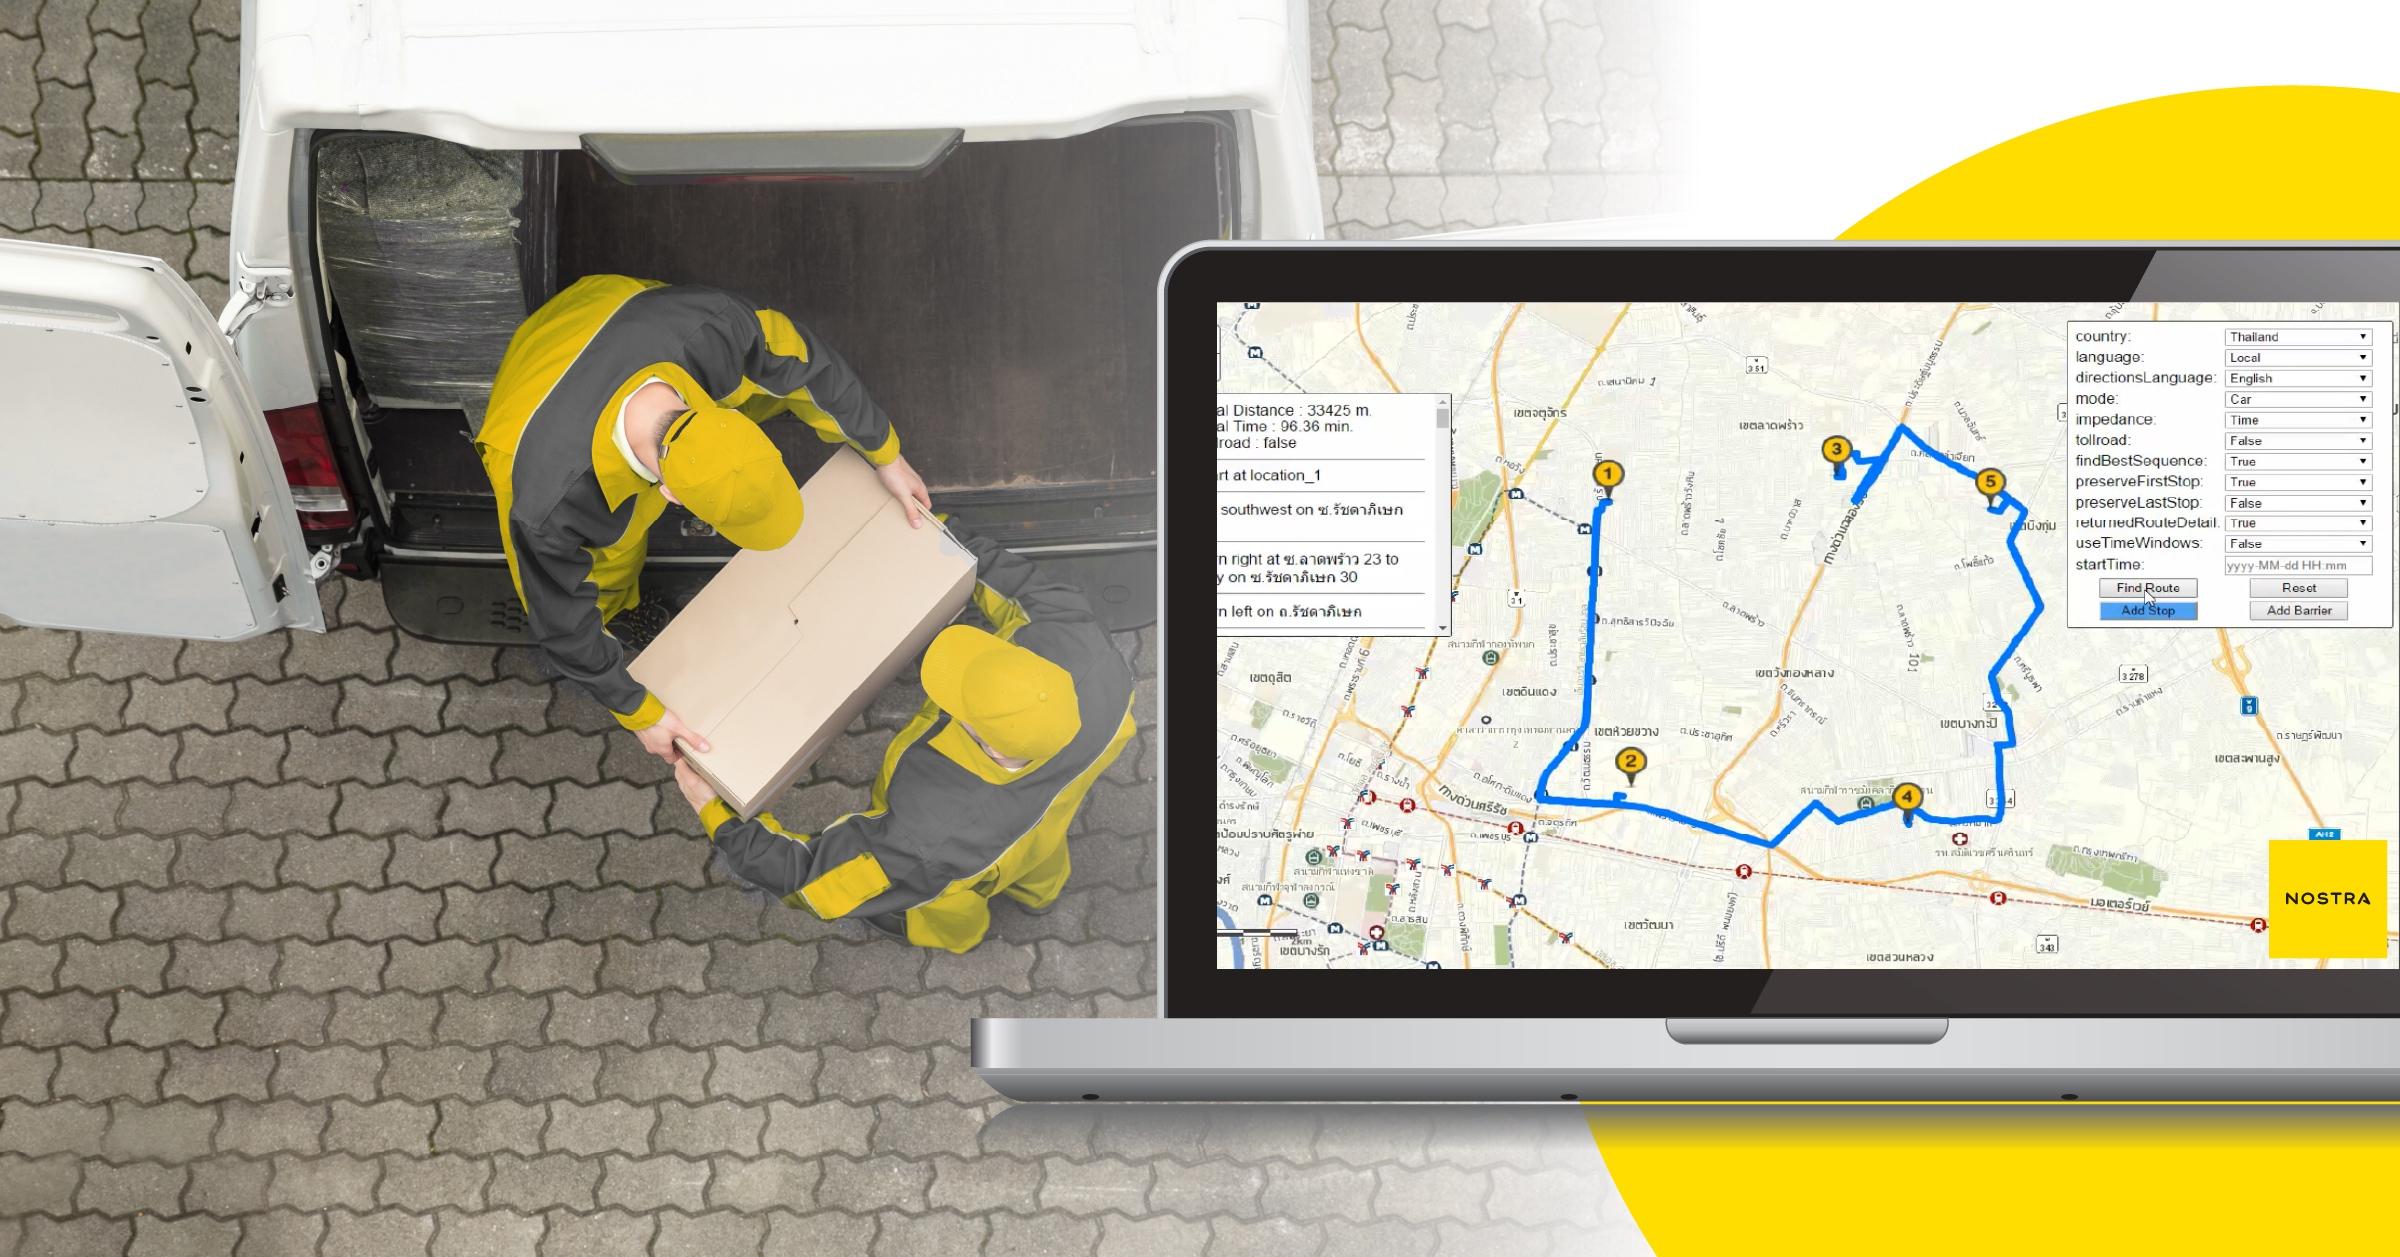 NOSTRA ส่งซูโลชัน Online Map Service เสริมแกร่งธุรกิจขนส่งและโลจิสติกส์ ฝ่าความท้าทายในเรด โอเชี่ยน